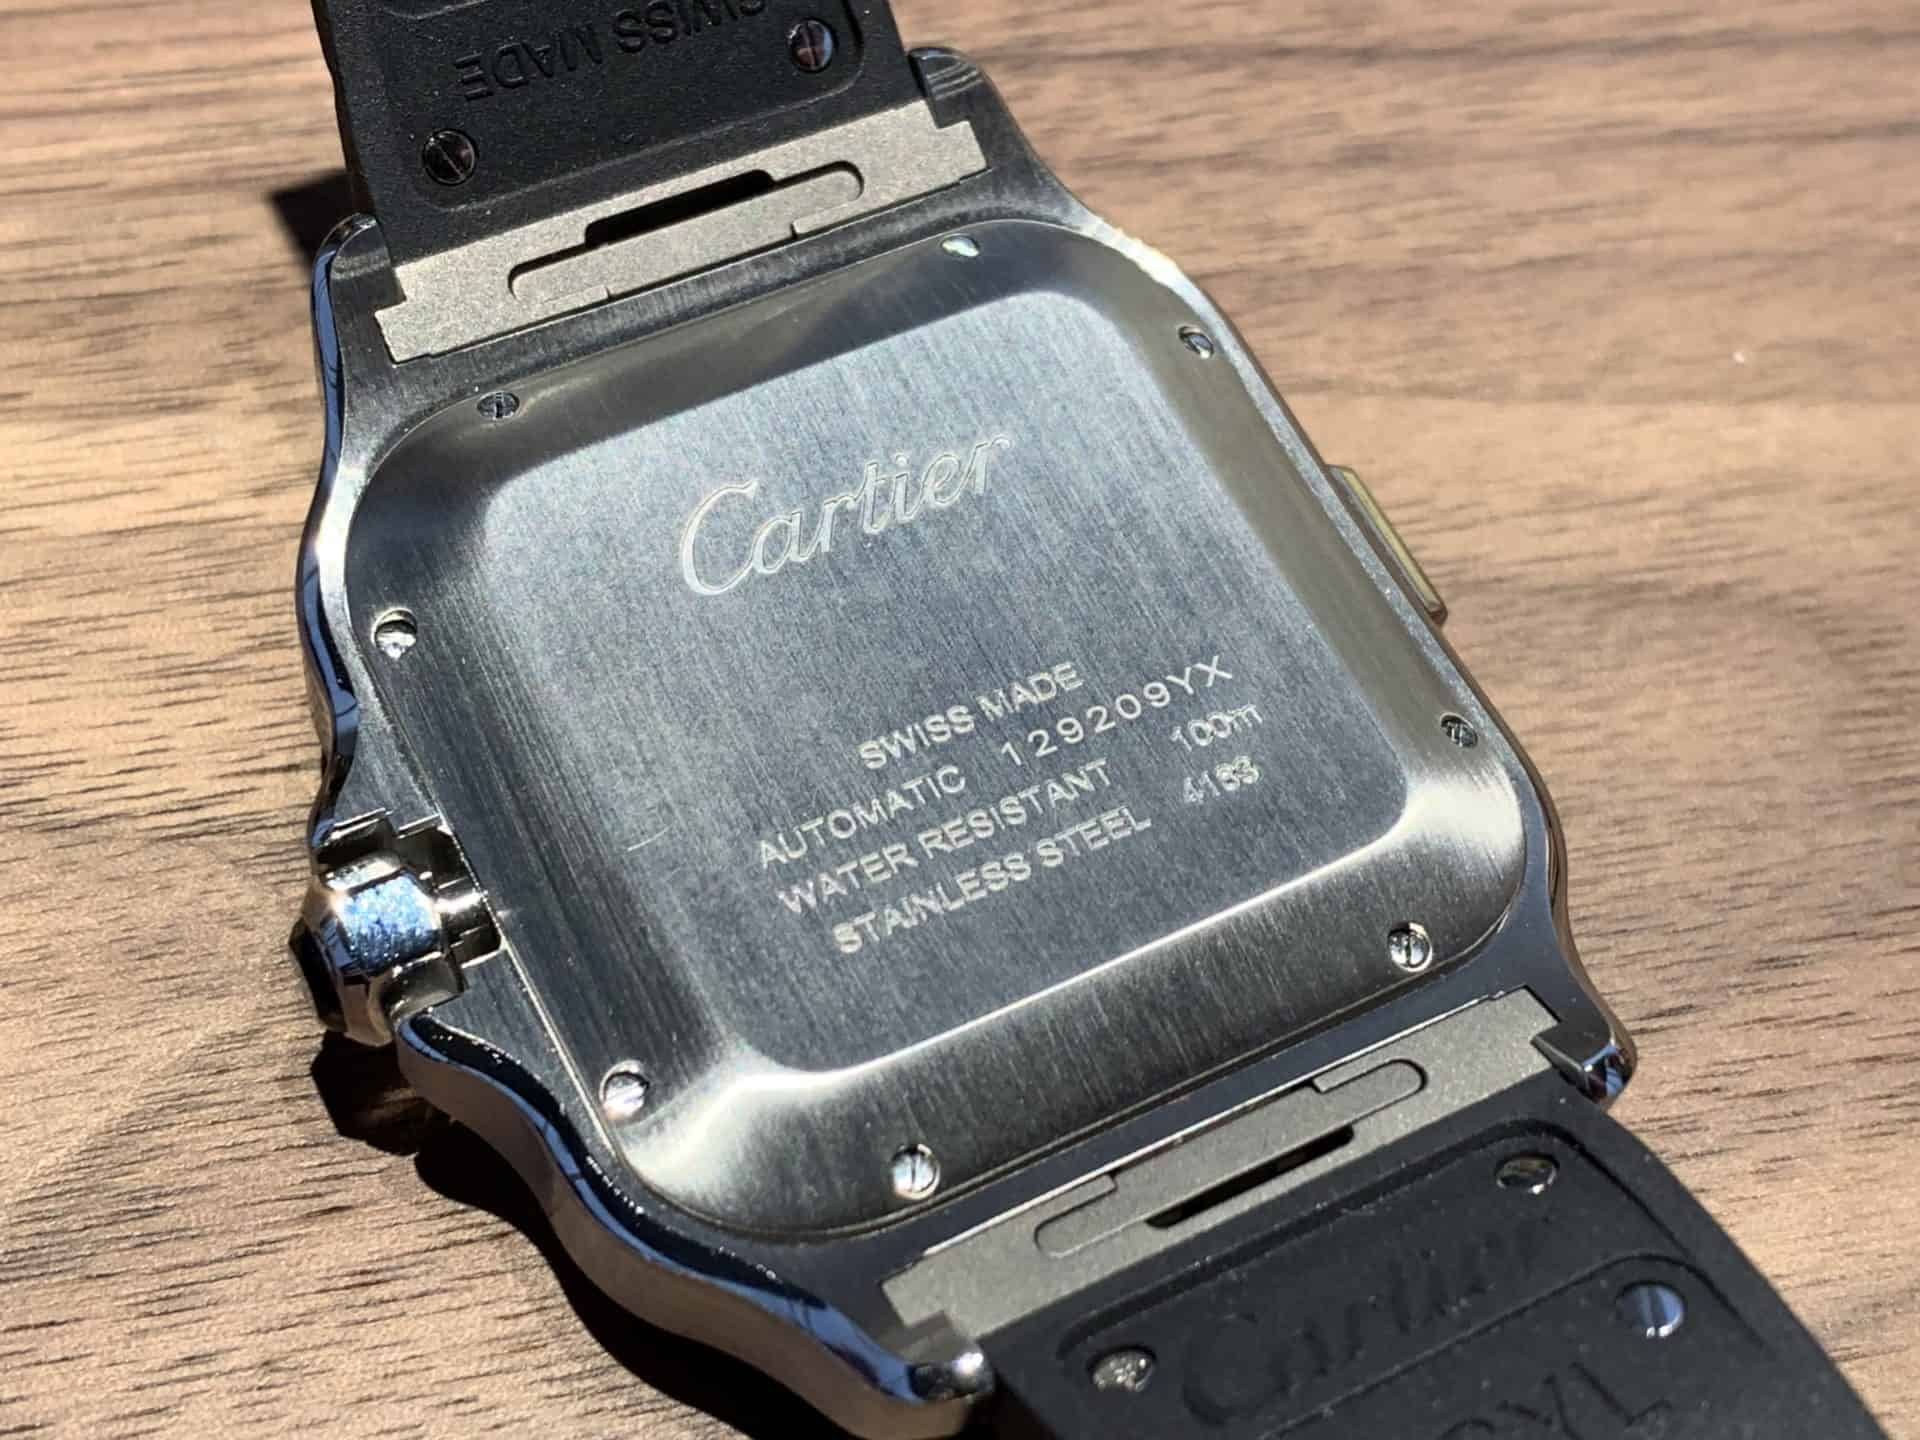 Cartier Santos Chronograph 20191904 CH MX Stahl ADLC 06